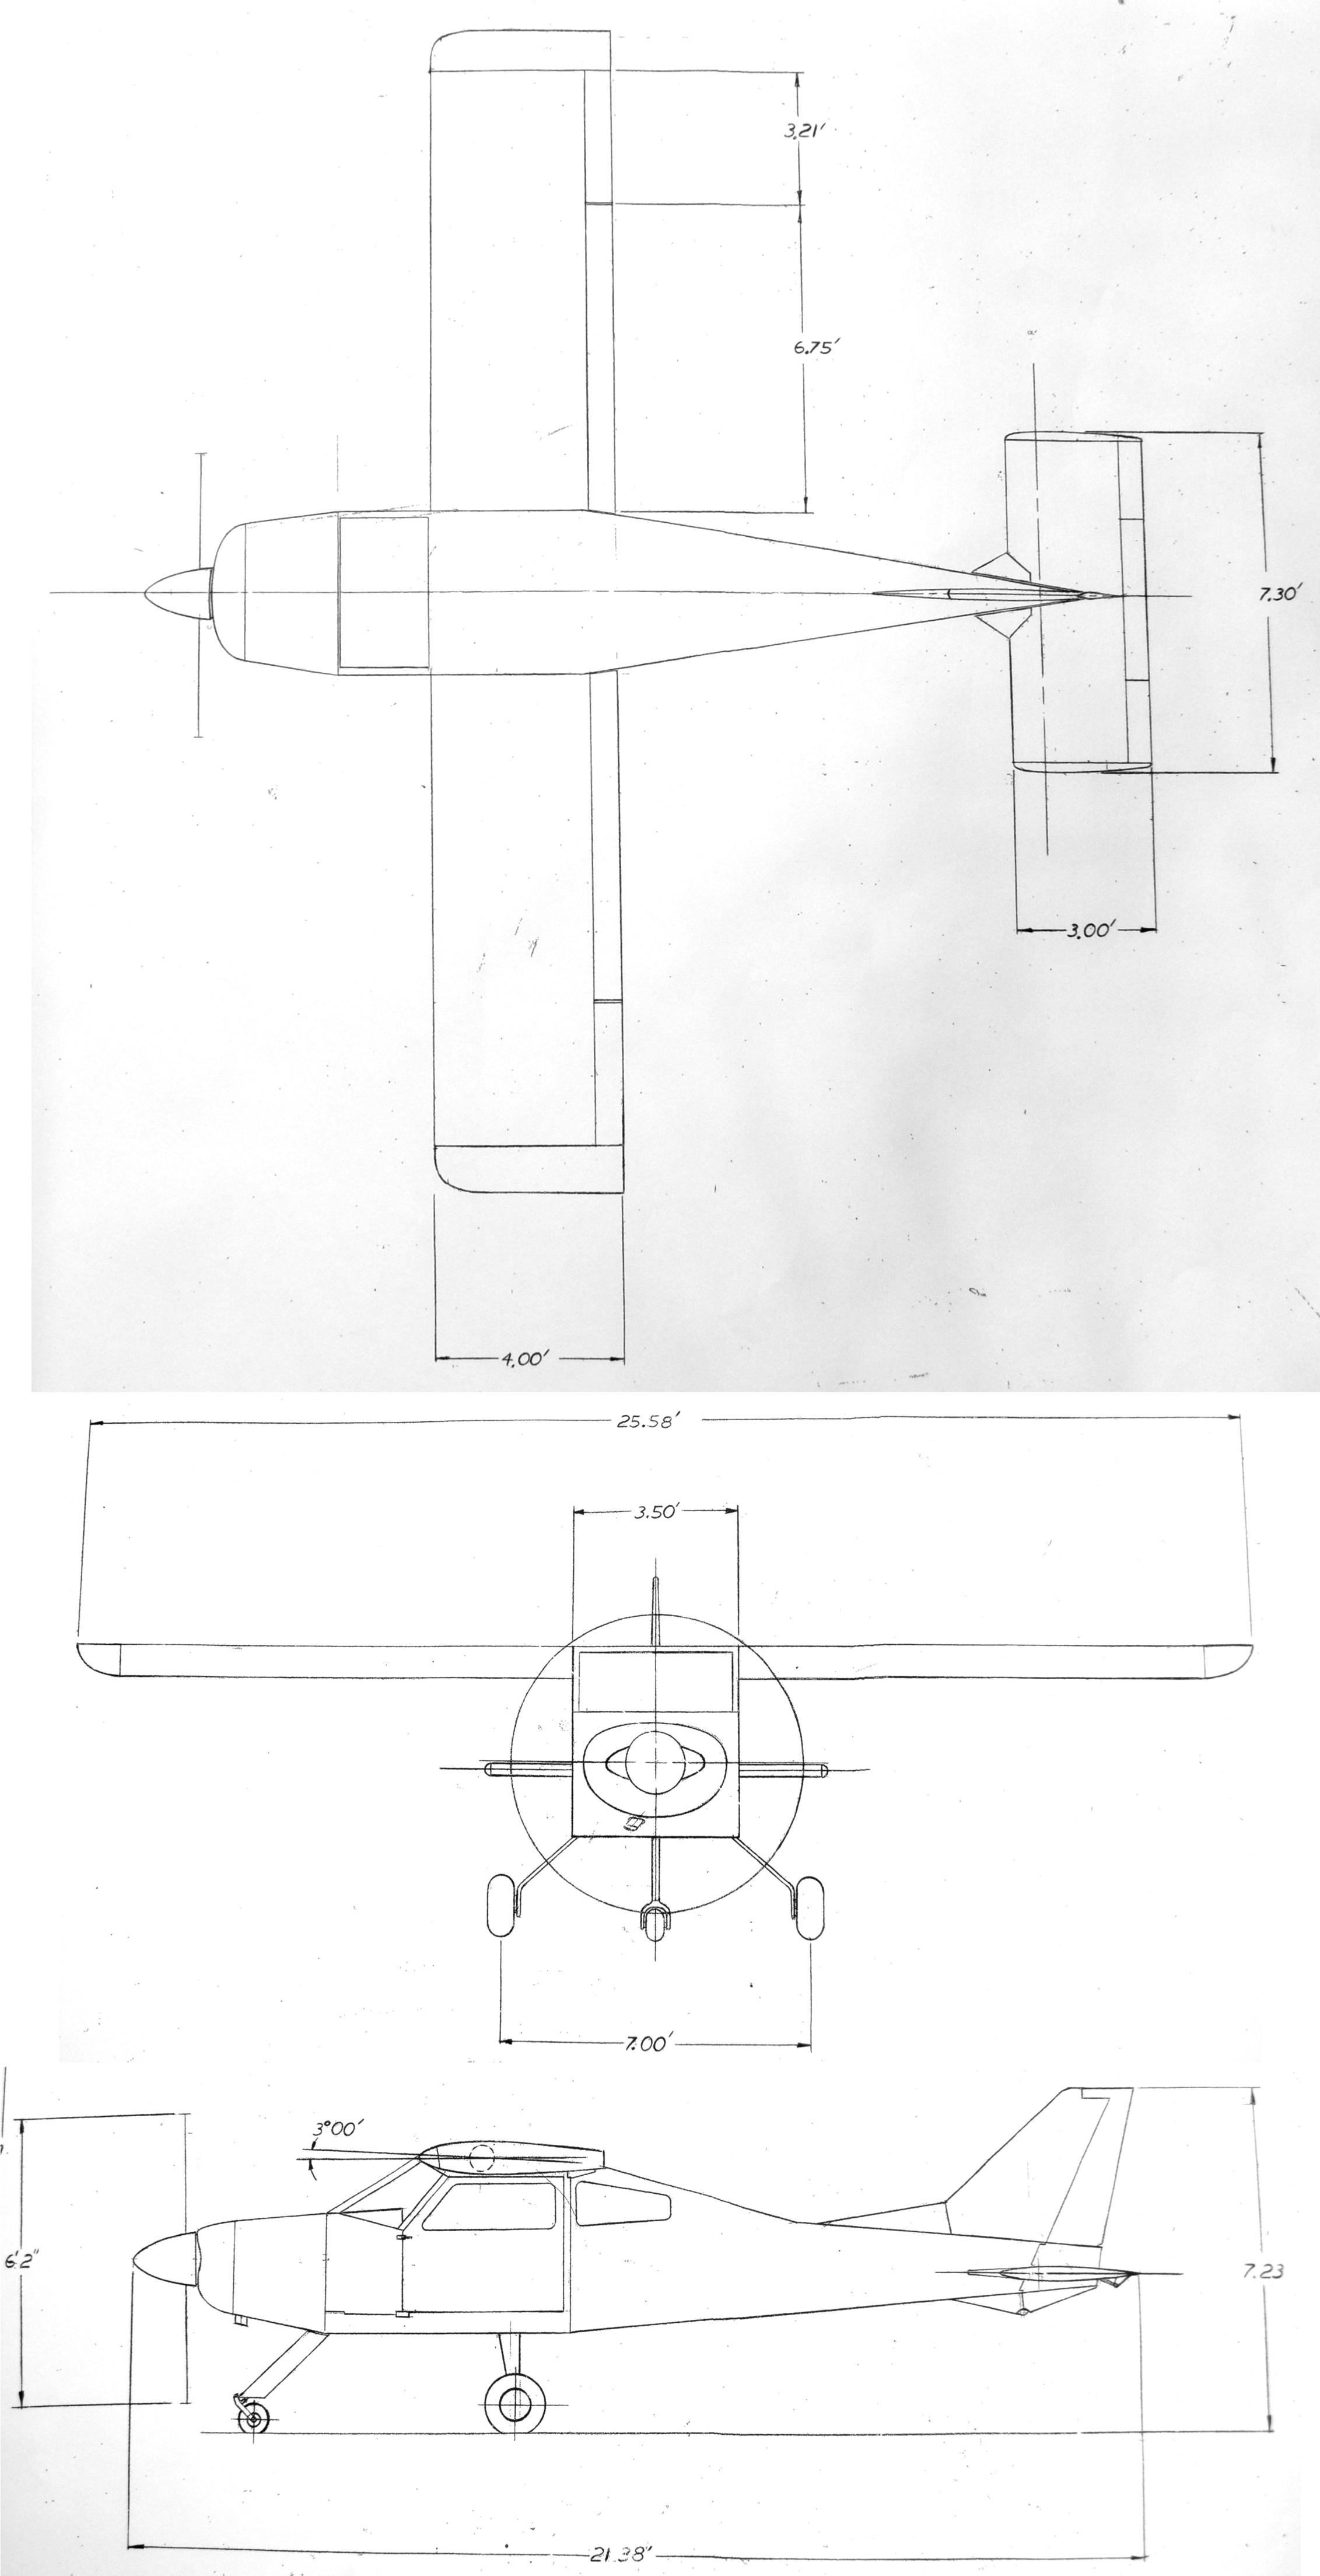 Bede BD-4 3-View Diagram